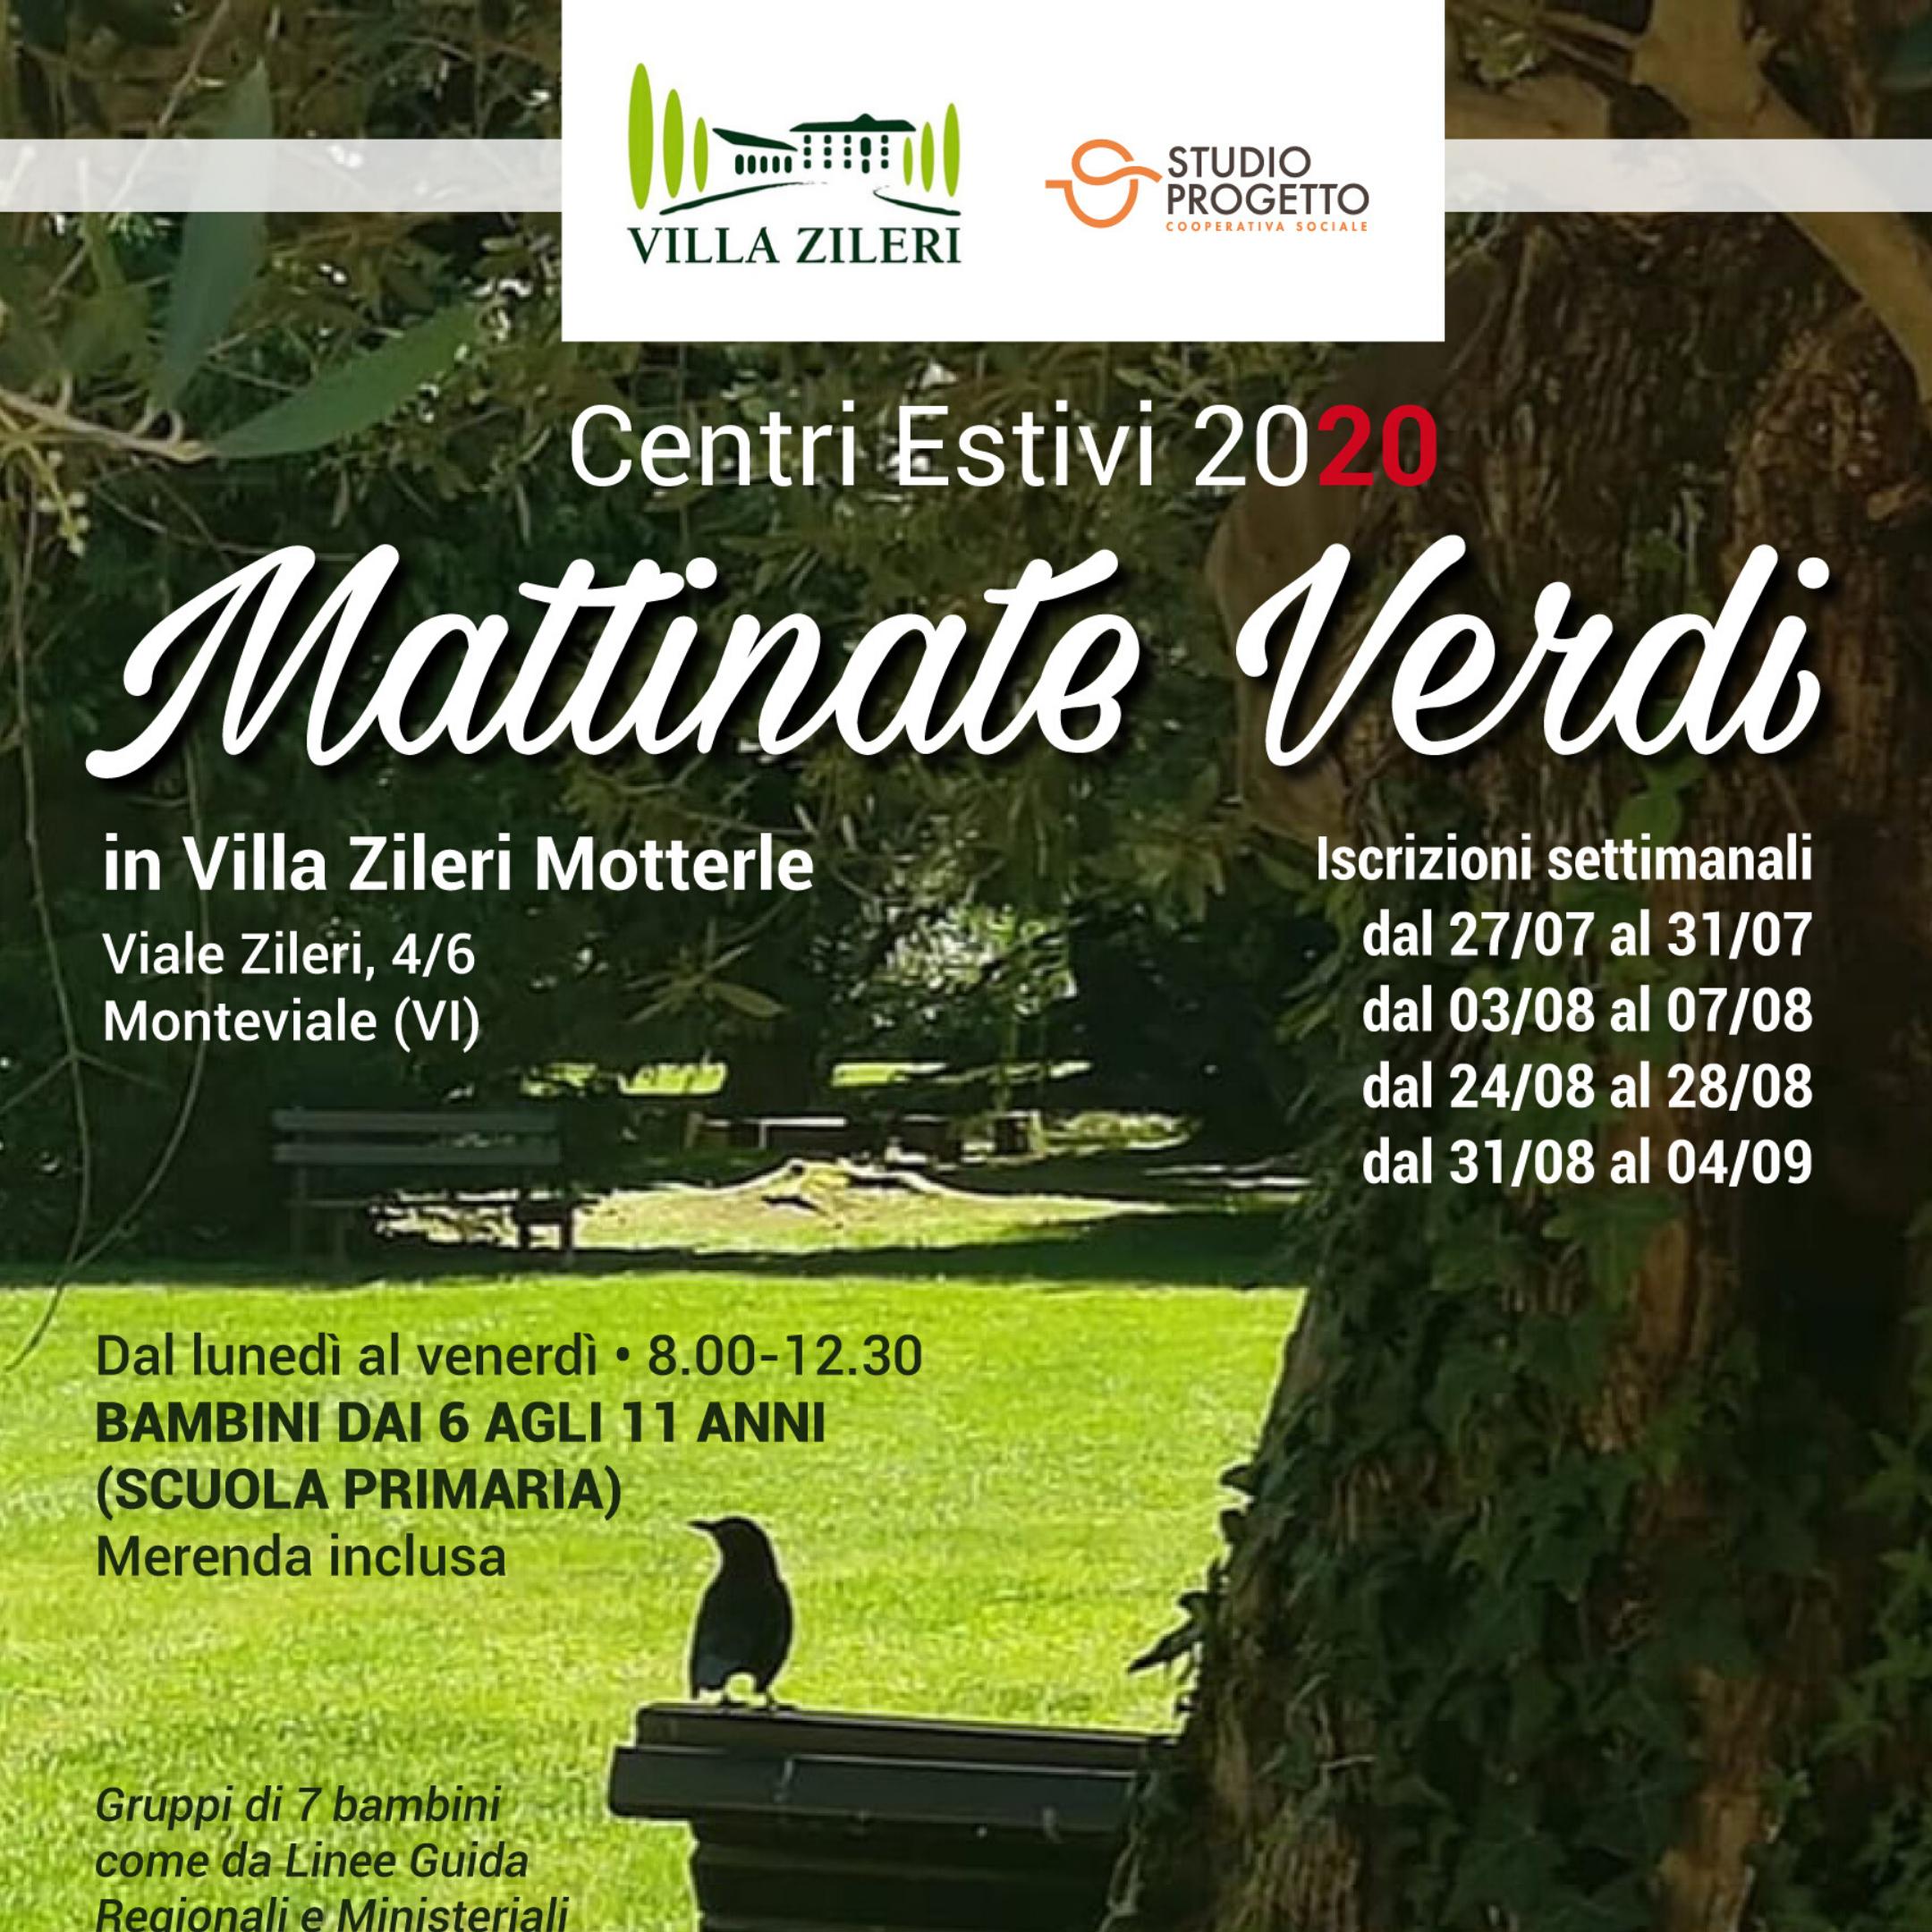 Mattinate Verdi: centro estivo a Villa Zileri